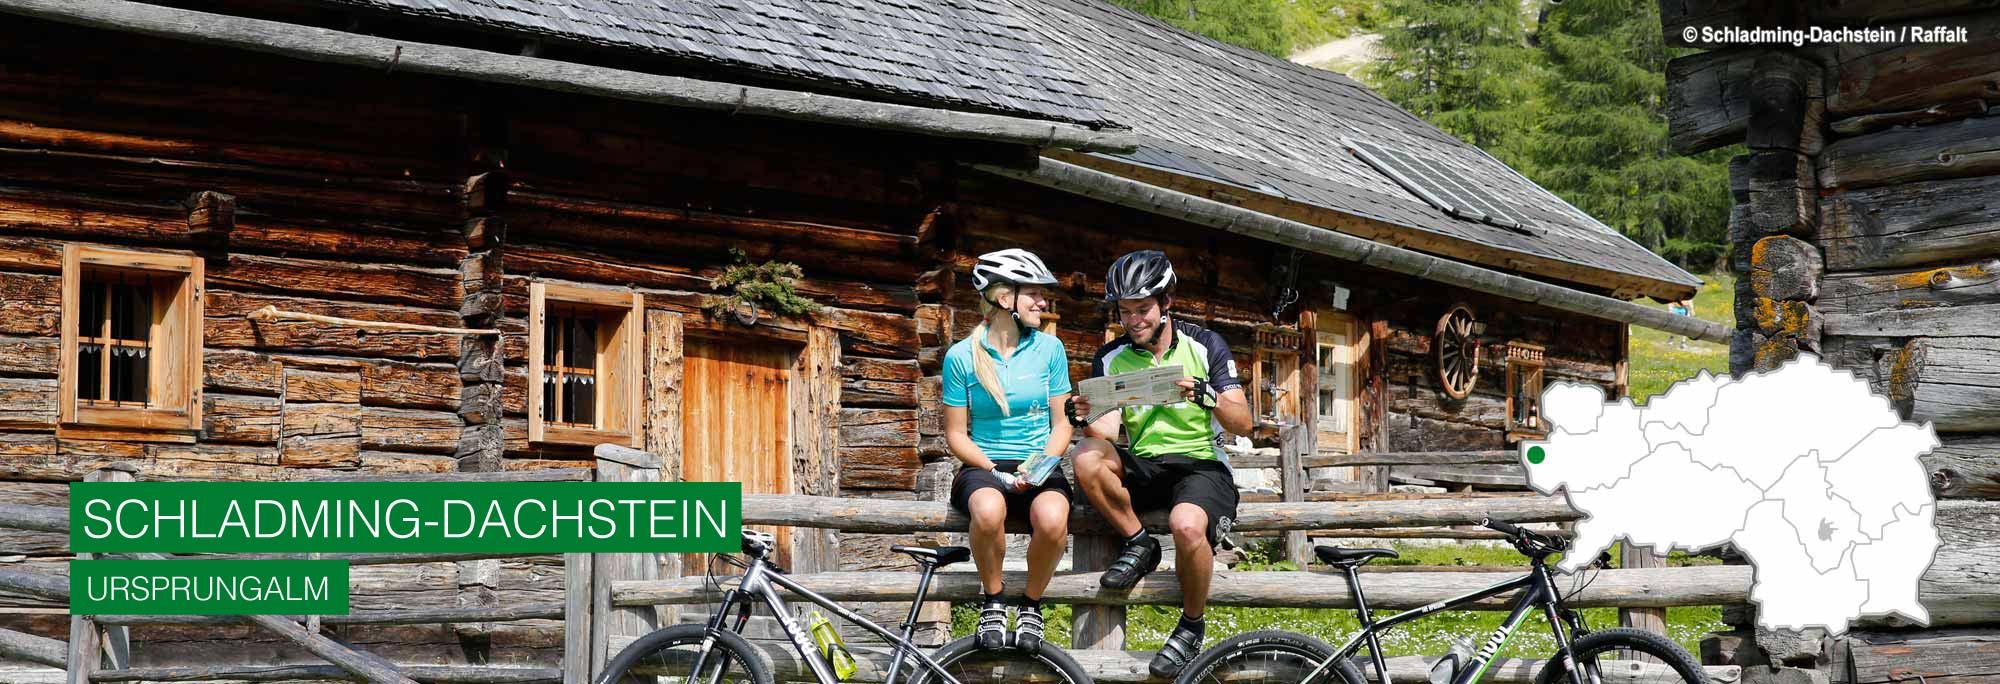 Schladming-Dachstein - Privatvermieter Steiermark